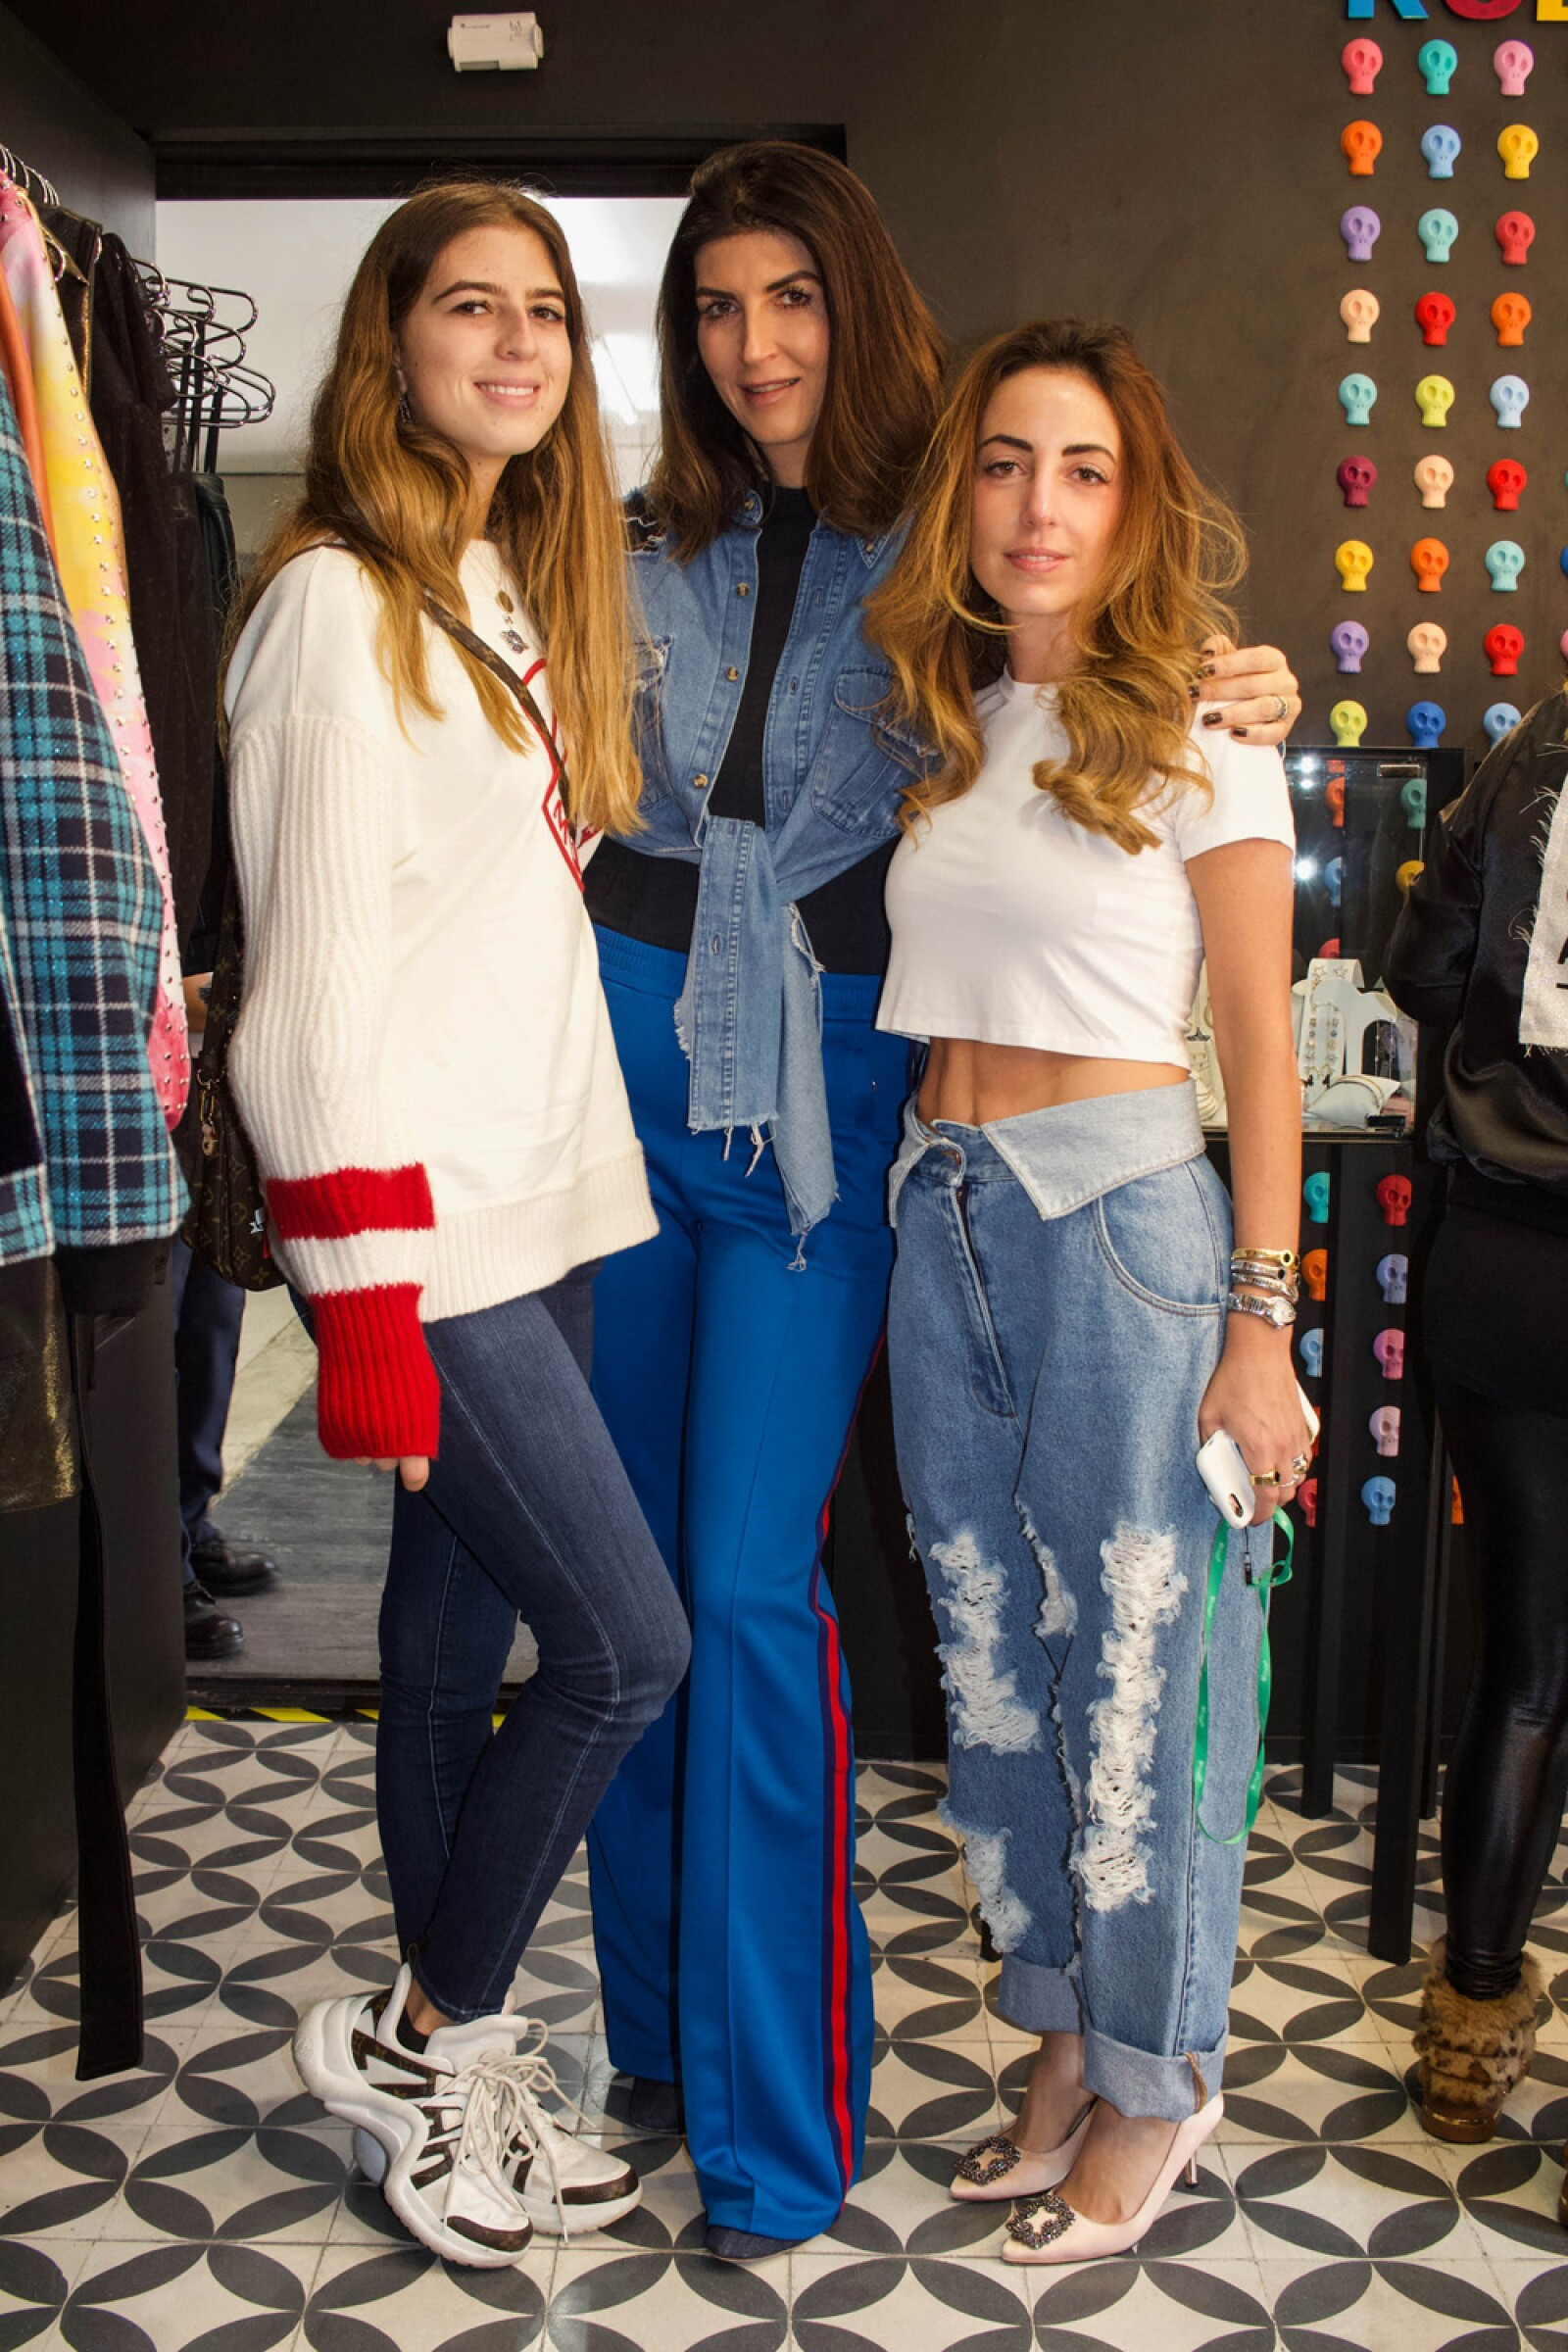 Jacqueline Saba, Eva Saba y Vanessa Attie.jpg